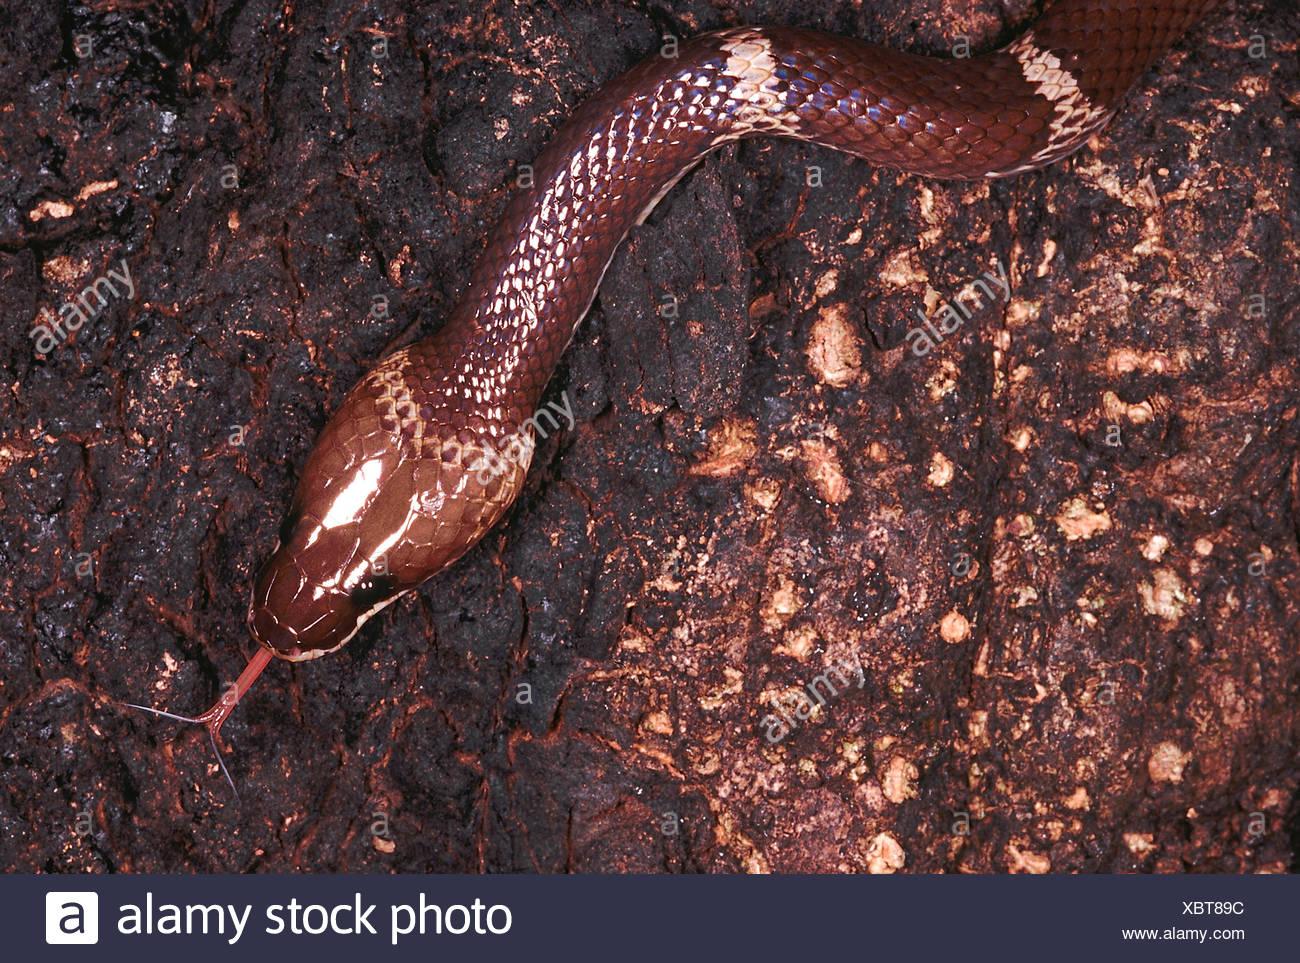 Oligodon taeniolatus. Russel o variegato kukri snake. un insolito serpente che è abbastanza docile come pure timido. Immagini Stock